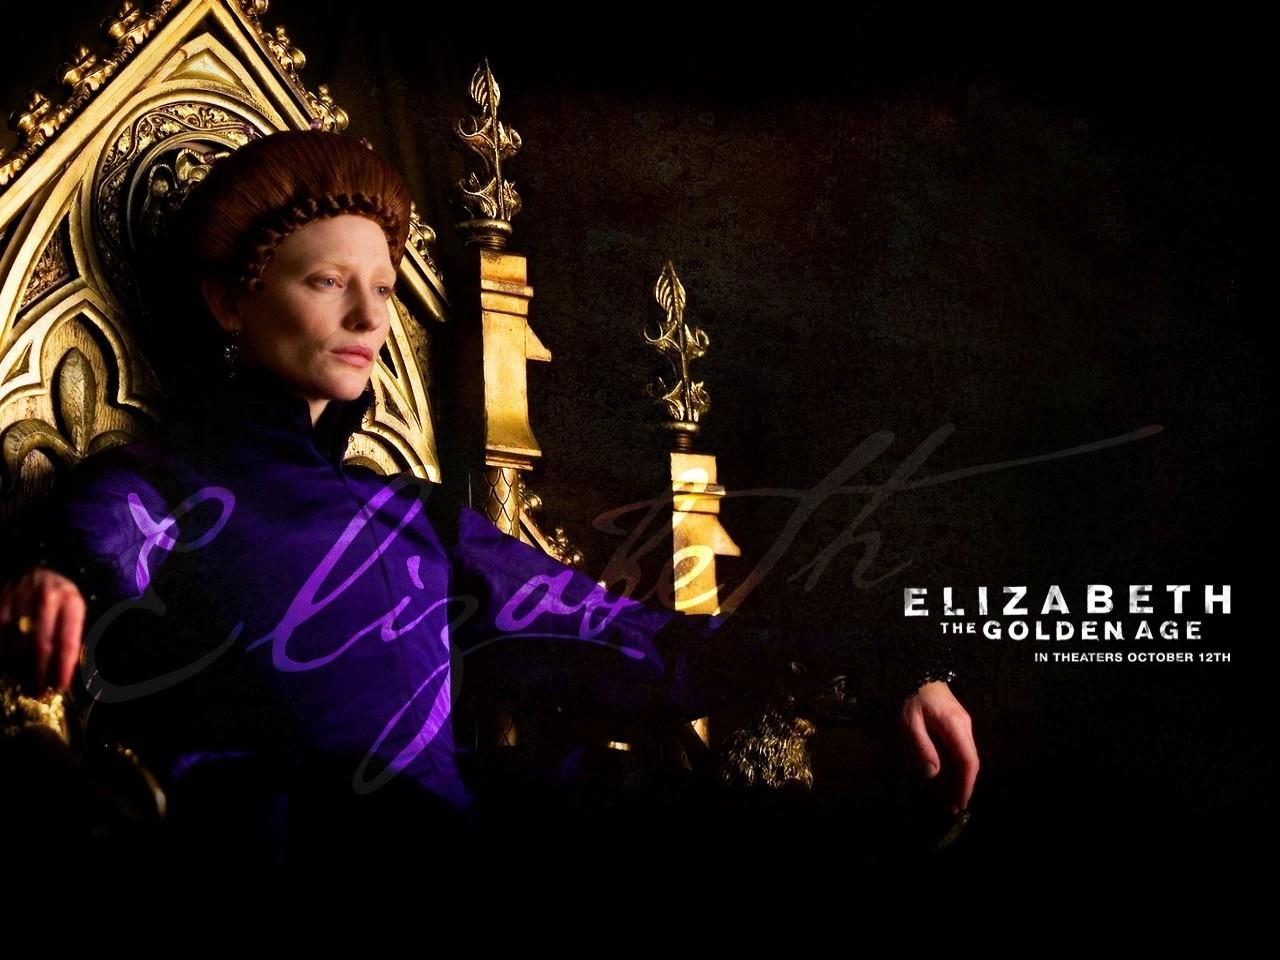 Wallpaper del film Elizabeth: The Golden Age con C. Blanchett